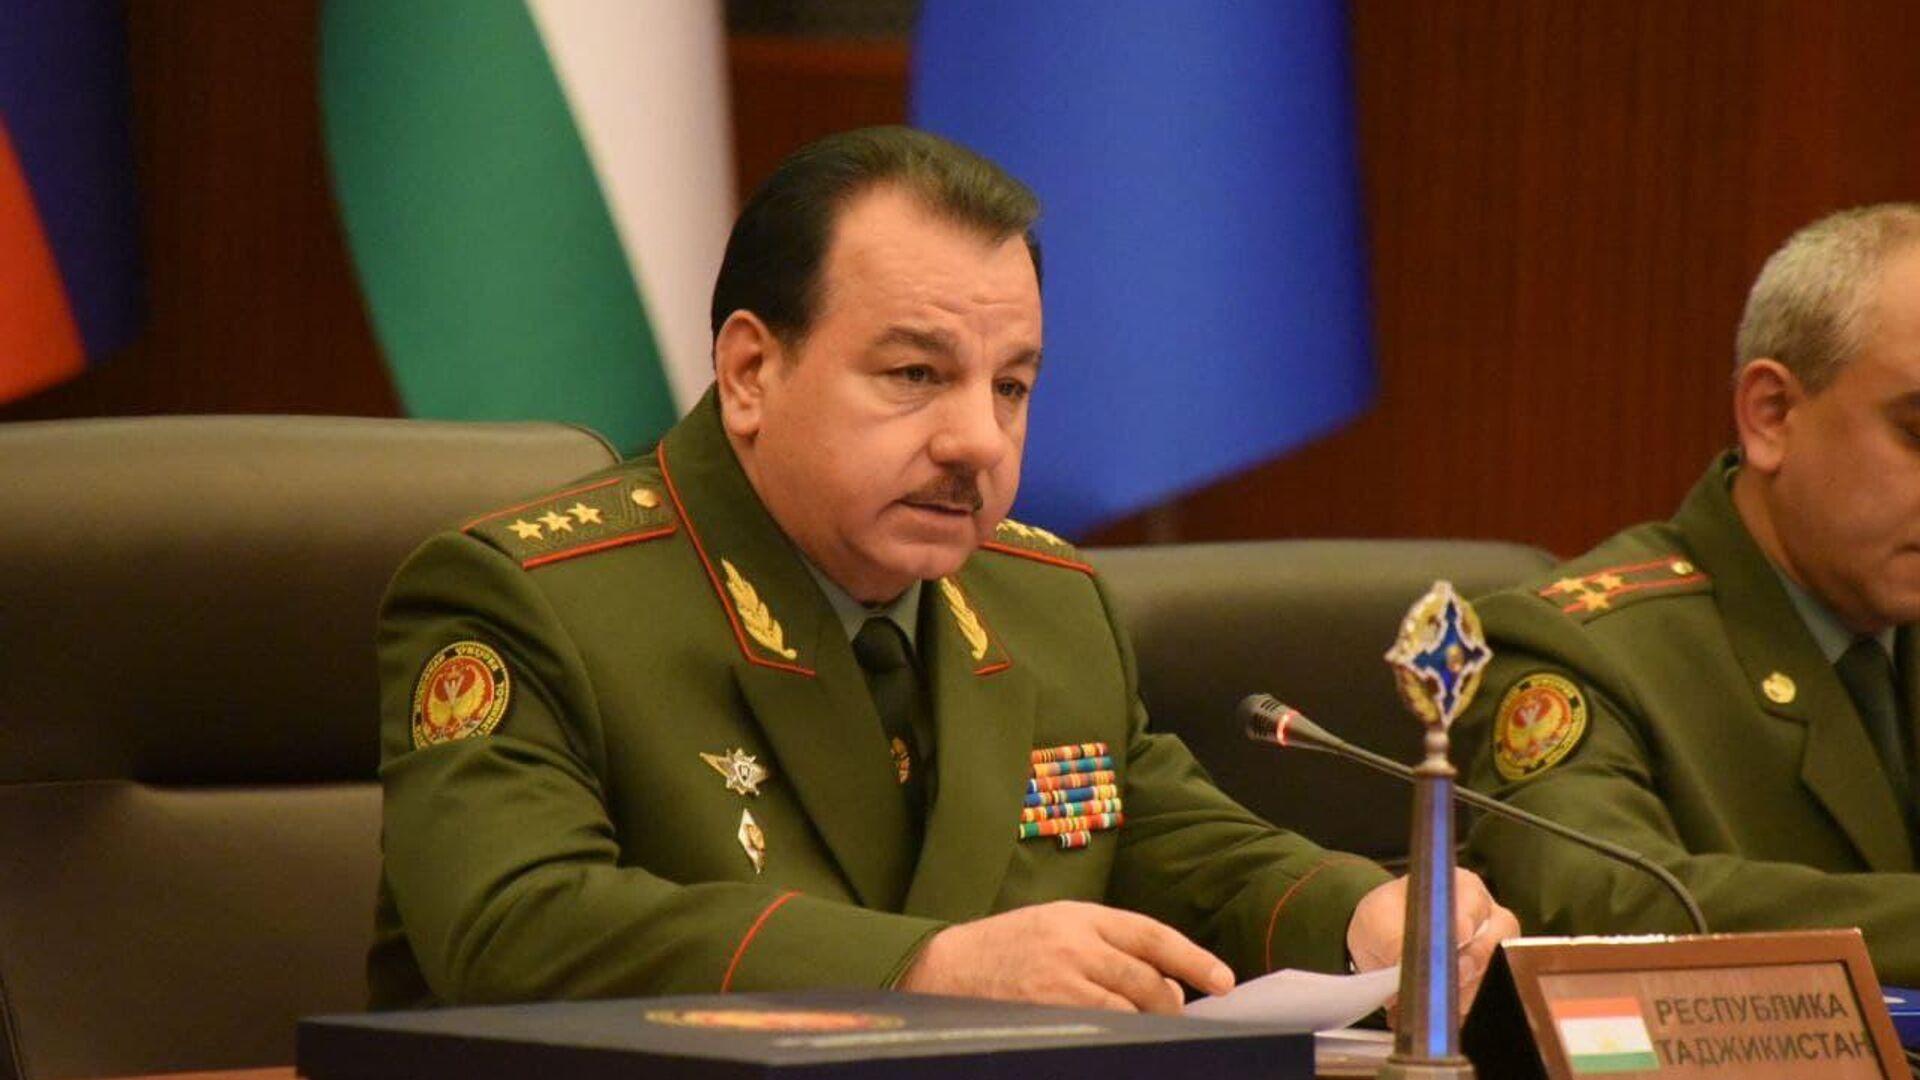 Министр обороны Таджикистана Шерали Мирзо - Sputnik Таджикистан, 1920, 10.08.2021